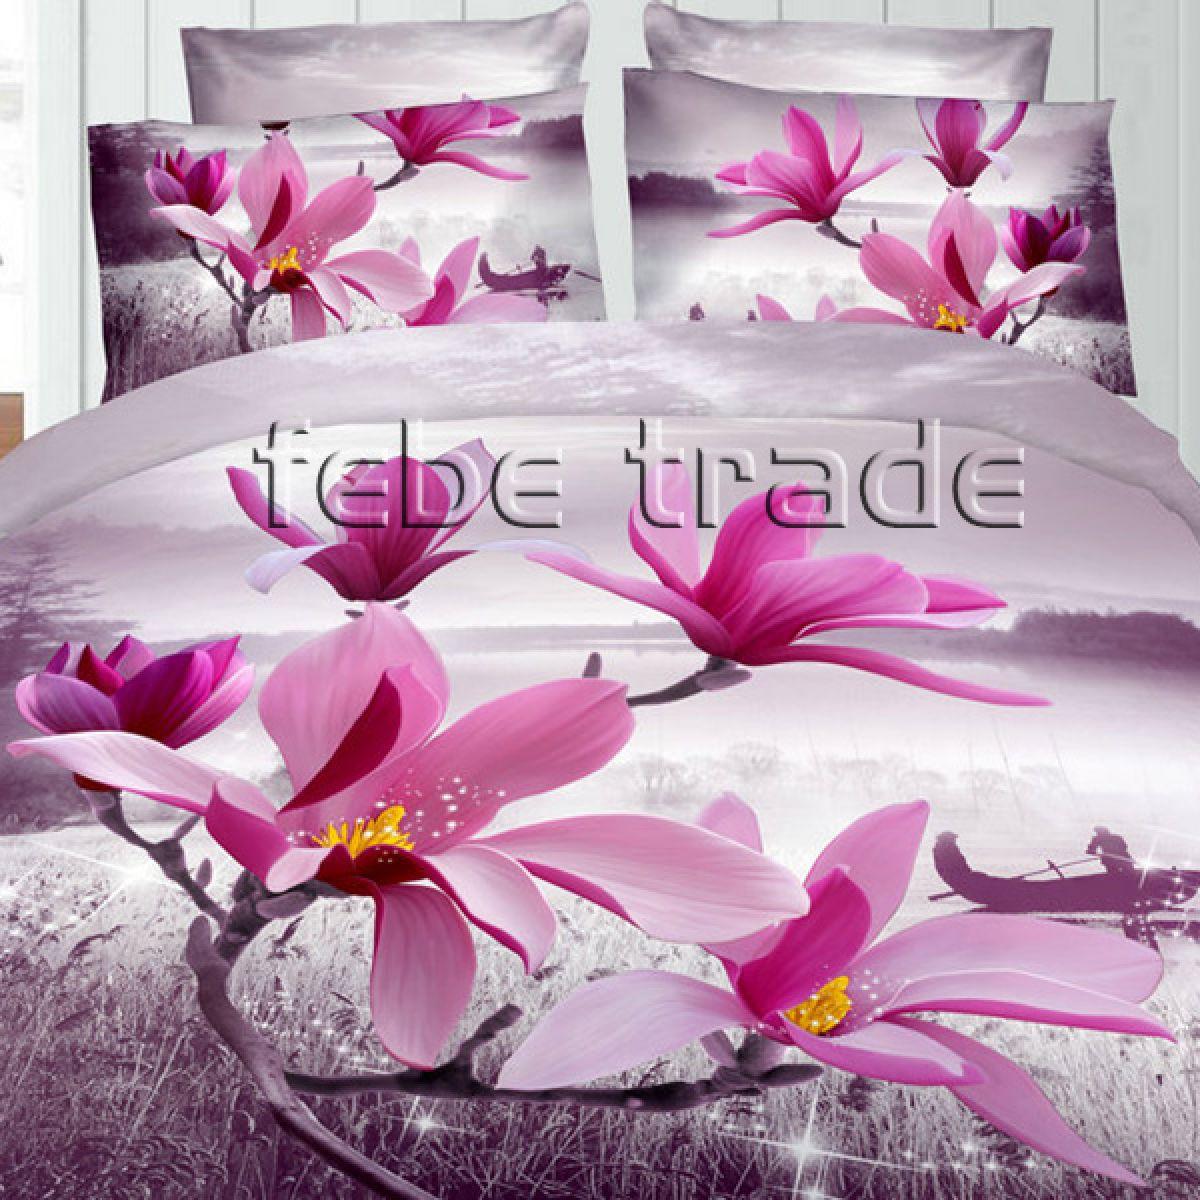 3D Beddings - Cotton World - FPW-282 - 160x200 cm - 3 pcs